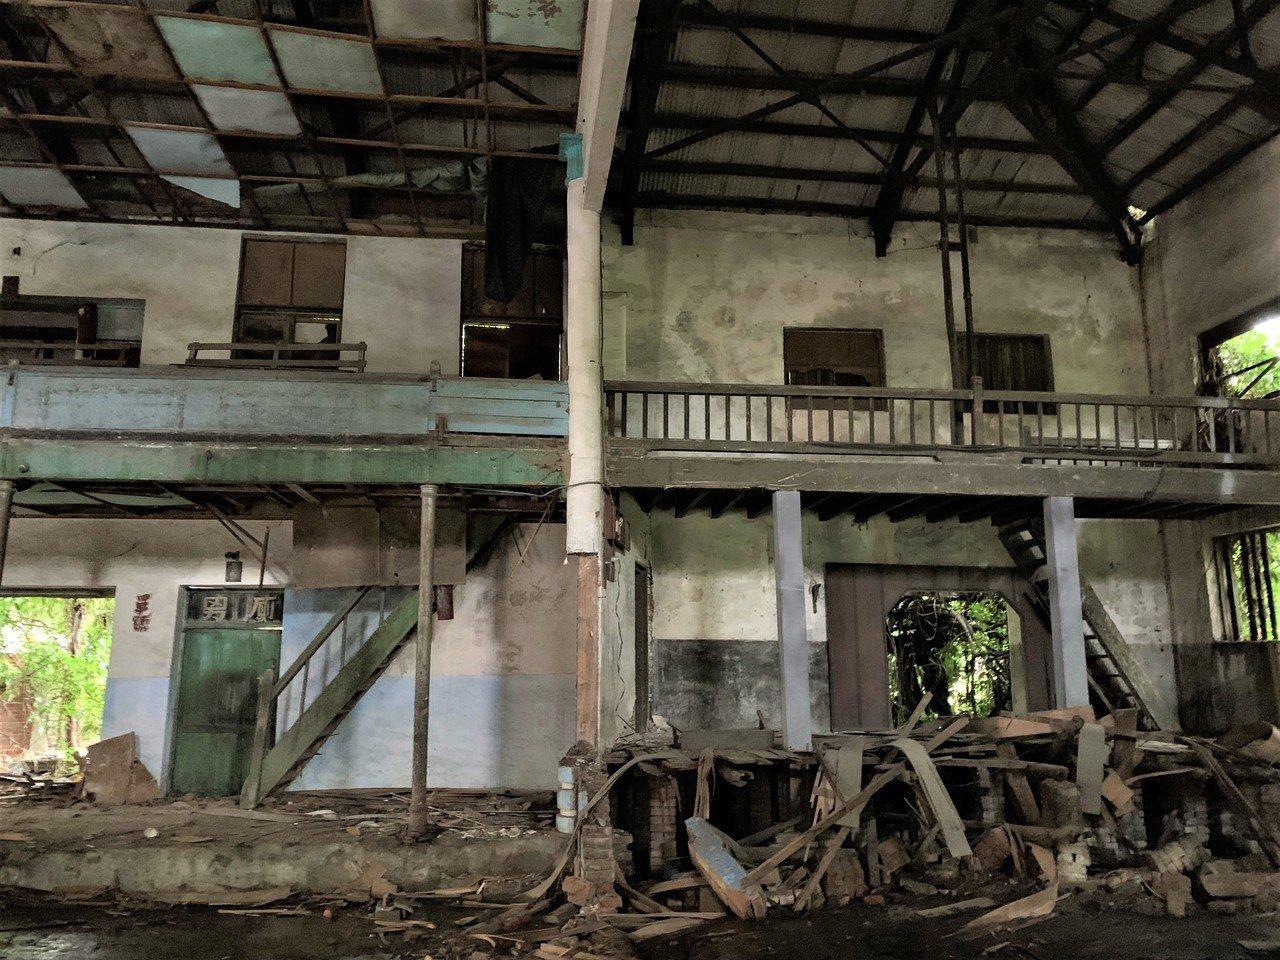 麻豆電姬老戲院內部被拆 南藝大:來不及紀錄令人扼腕